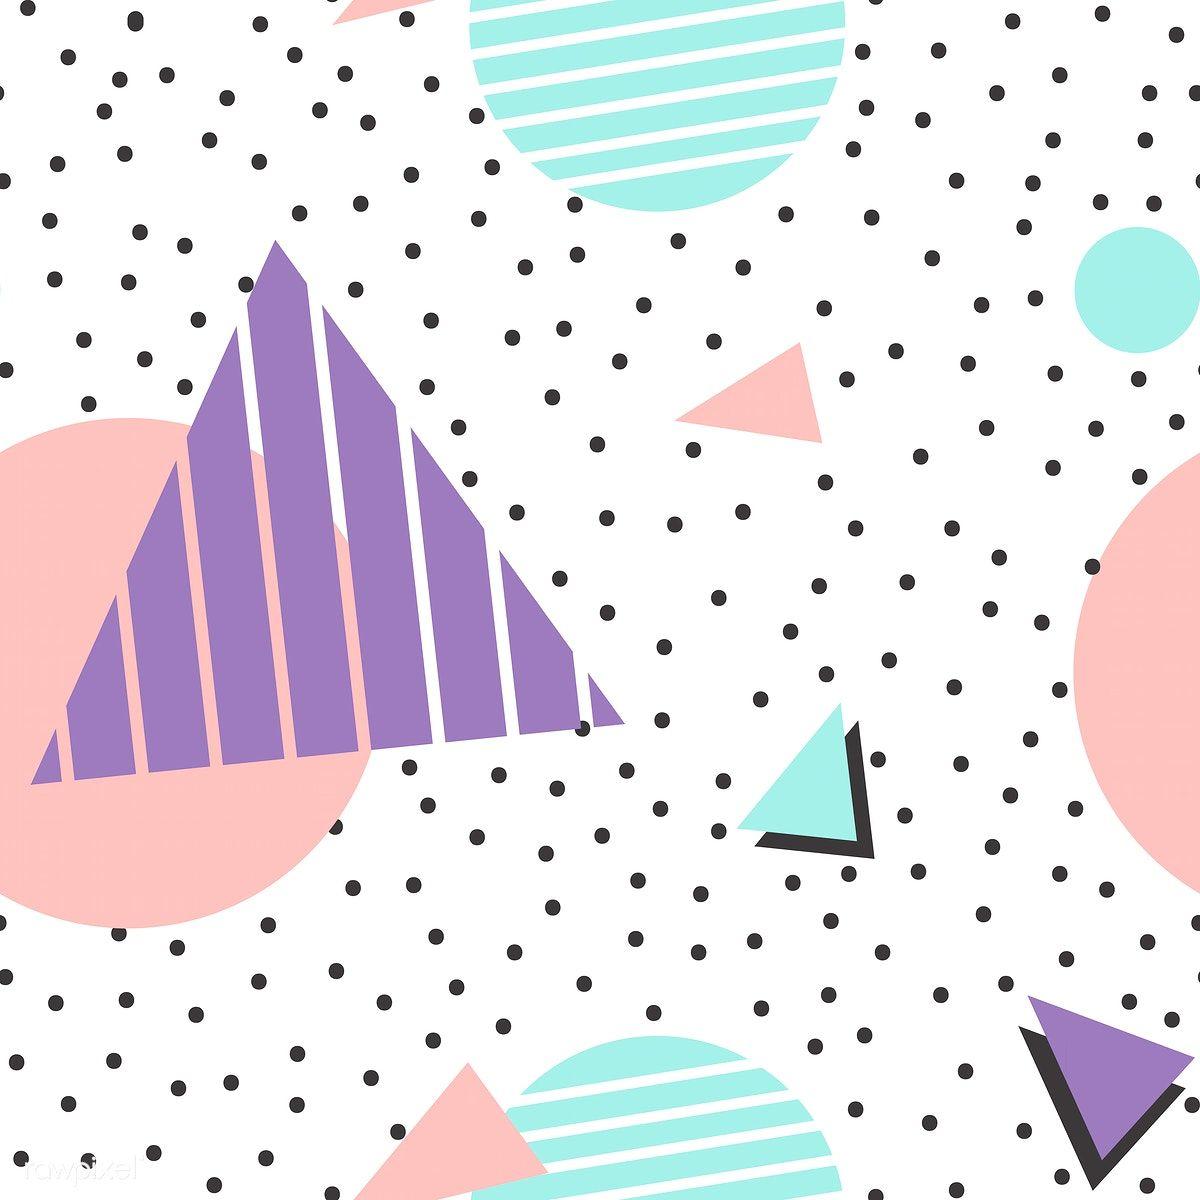 Motif Menphis Gratuit Colorful Geometric Memphis Style